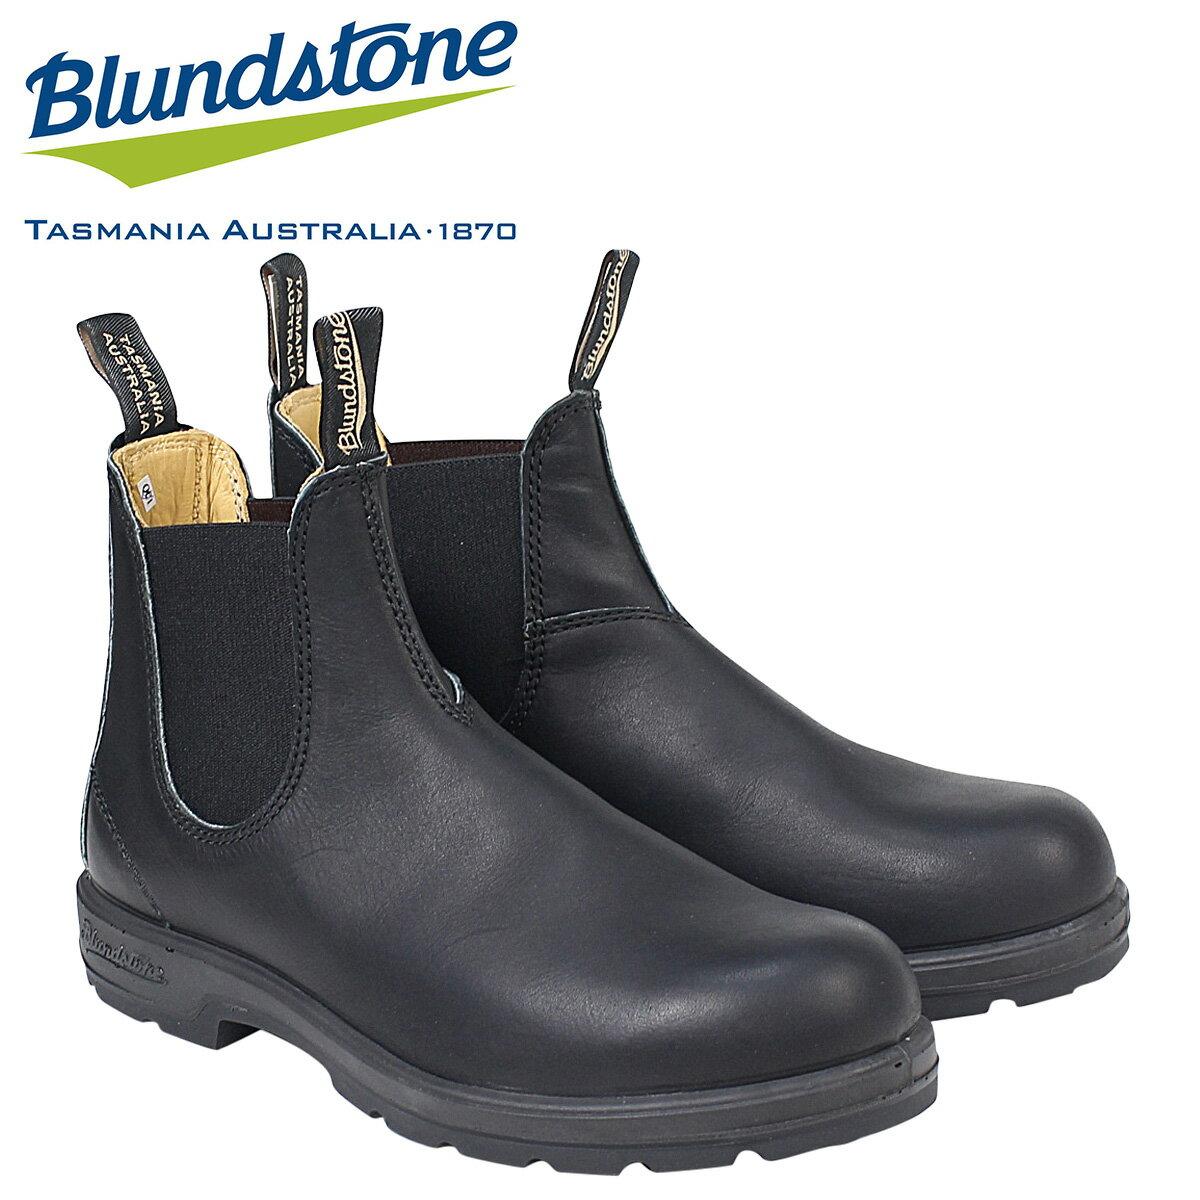 ブランドストーン Blundstone サイドゴア メンズ 558 ブーツ DRESS V CUT BOOTS ブラック [12/28 再入荷]